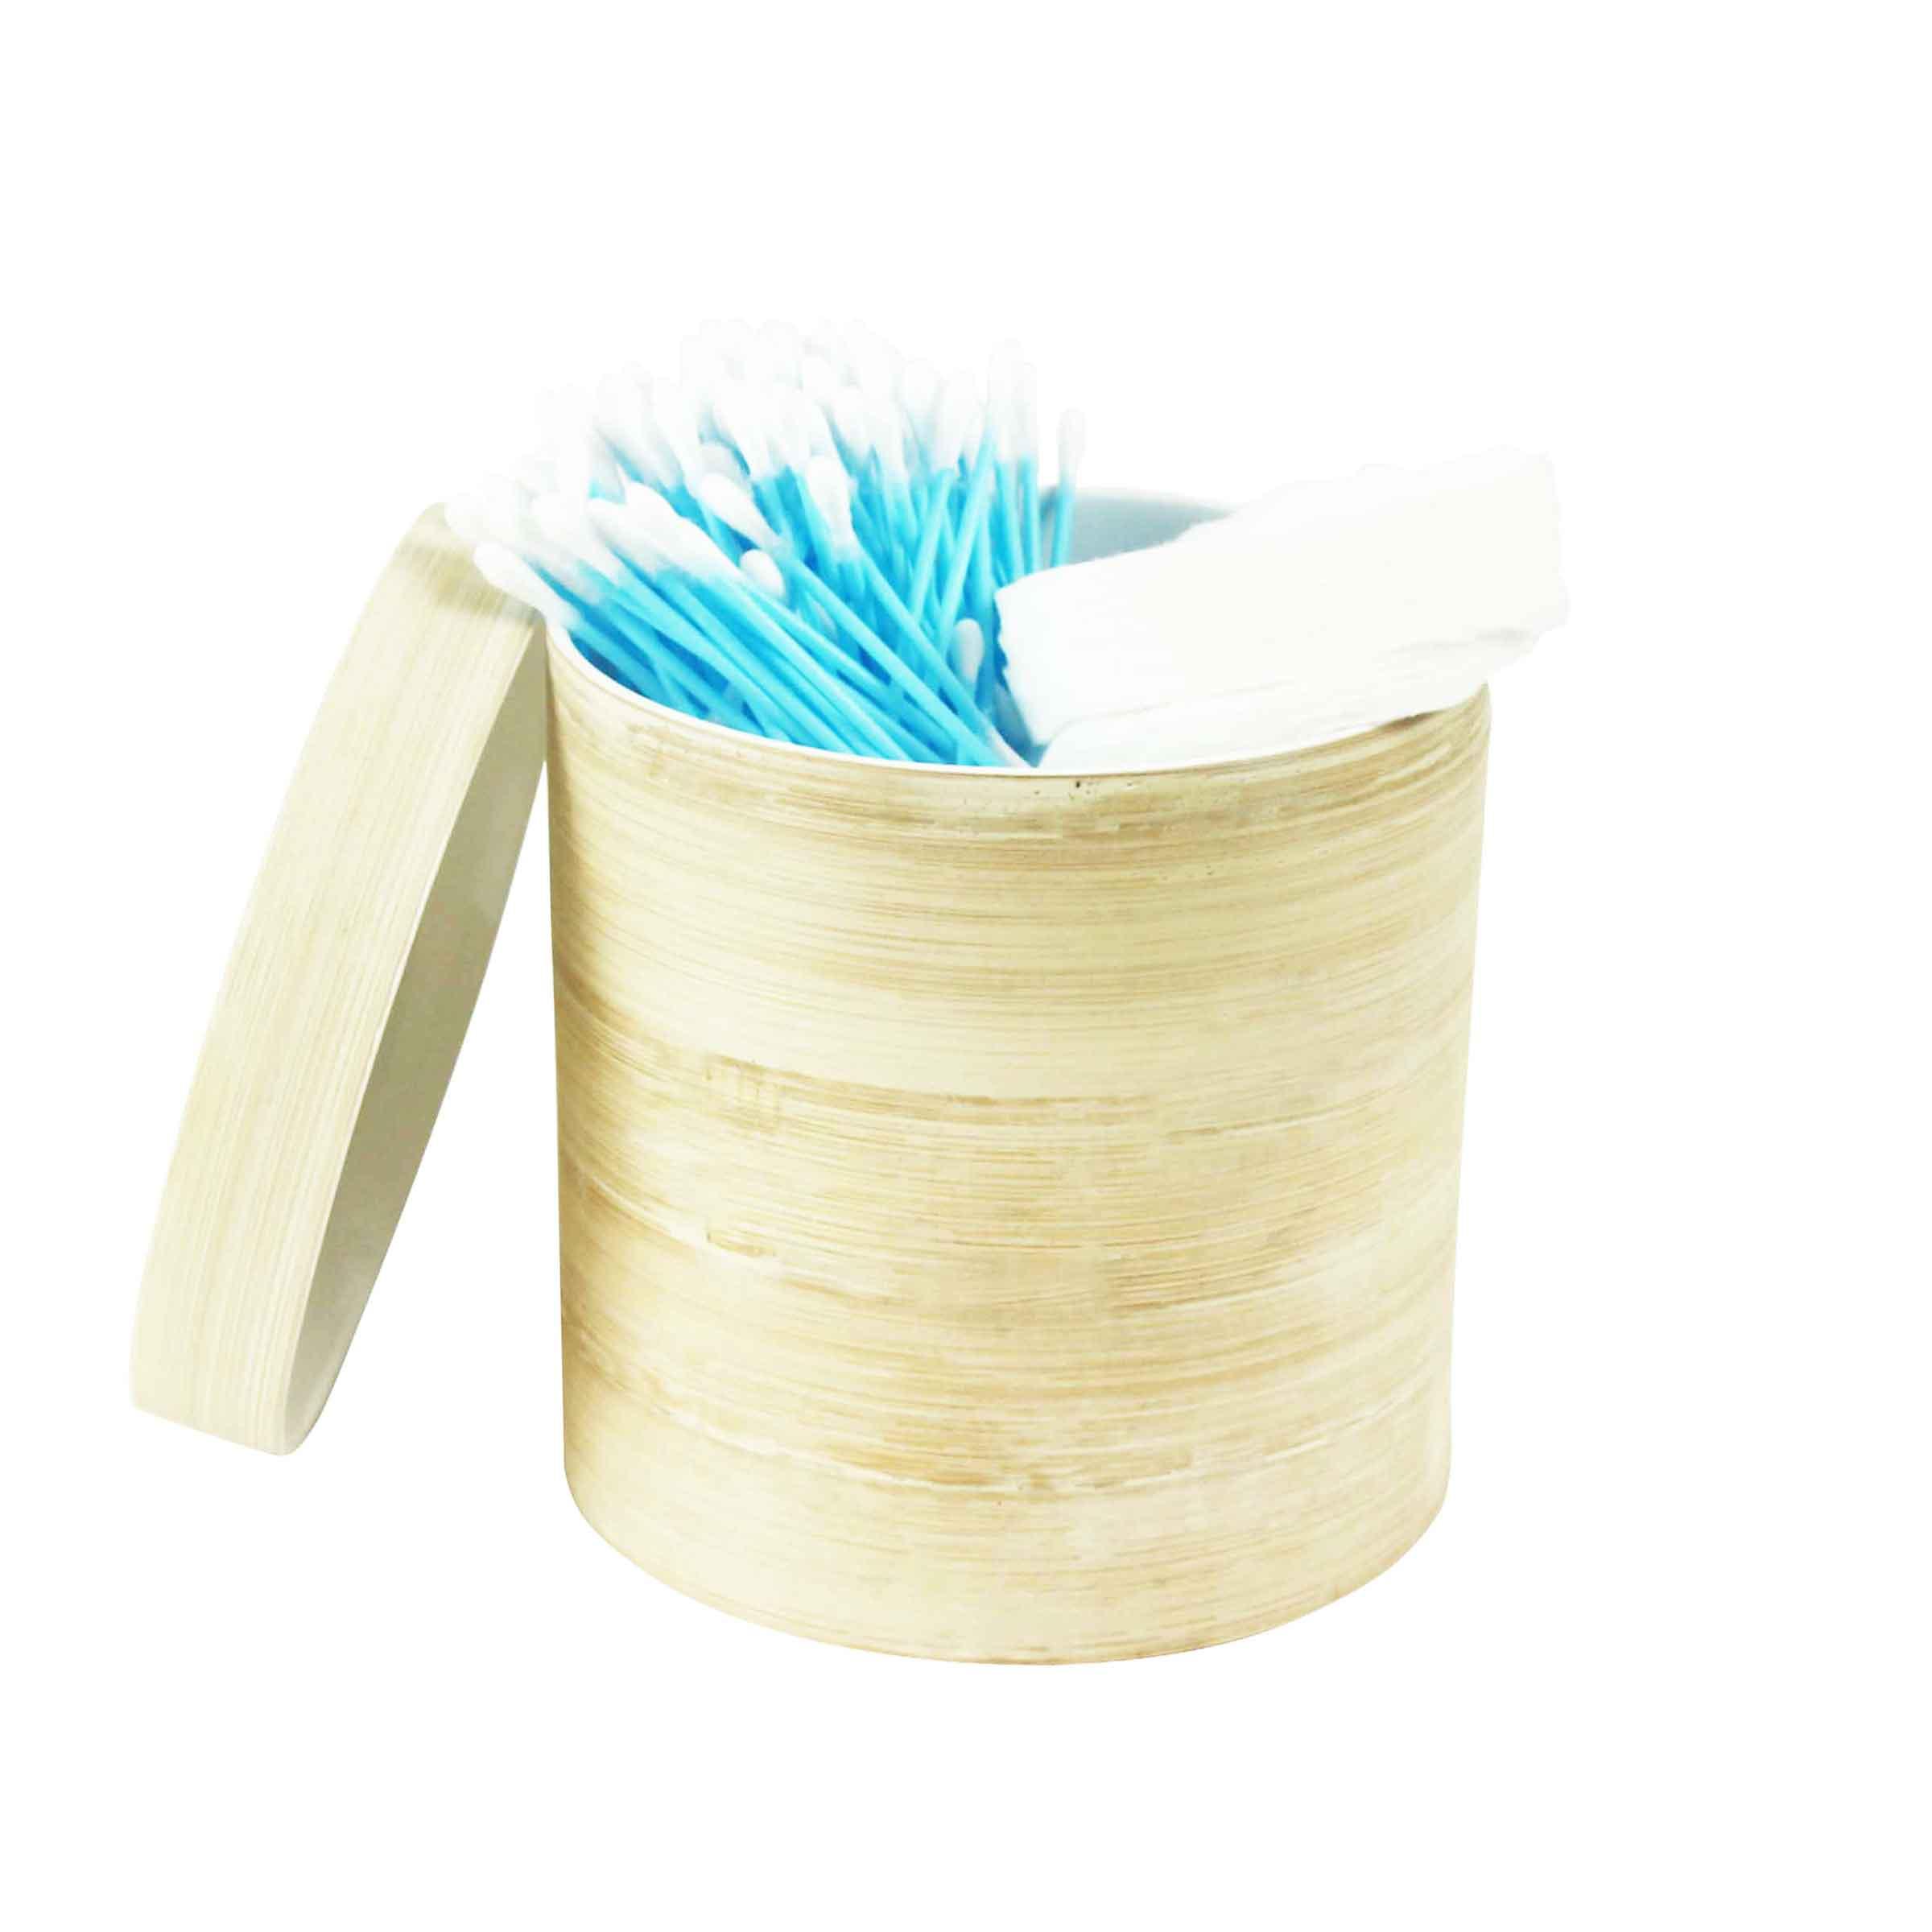 boîte ronde en bambou clair avec couvercle assorti